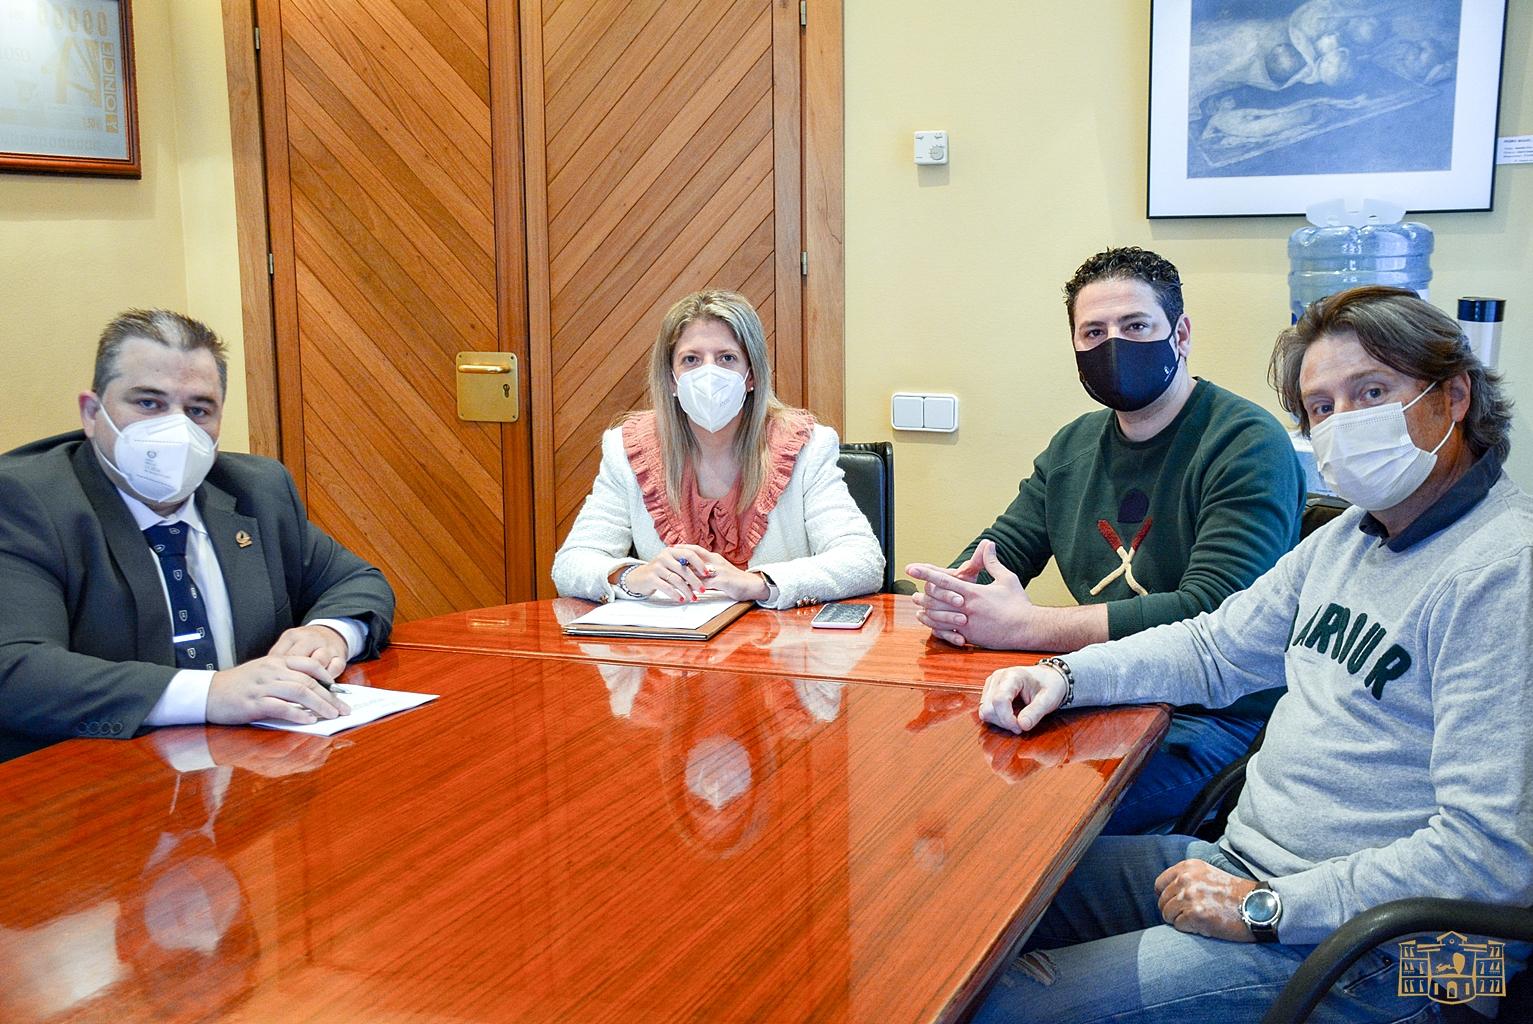 El Ayuntamiento de Tomelloso y la AECT firman un convenio de colaboración dotado con 18.000 €